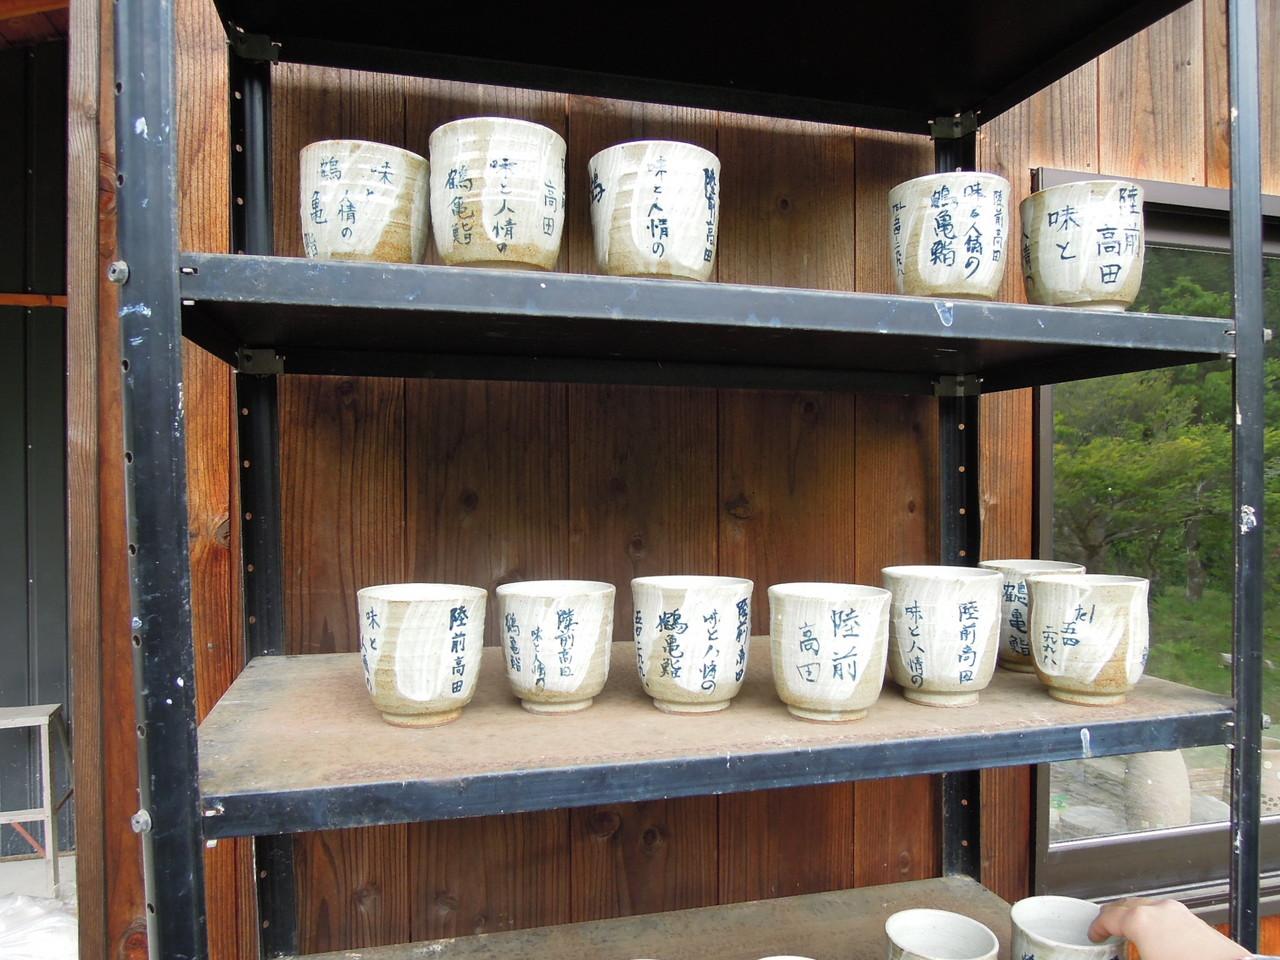 陸前高田鶴亀鮨さんの湯呑も完成。作家の木村さんの湯呑にメンバーで名入れ(同時にお届けします)